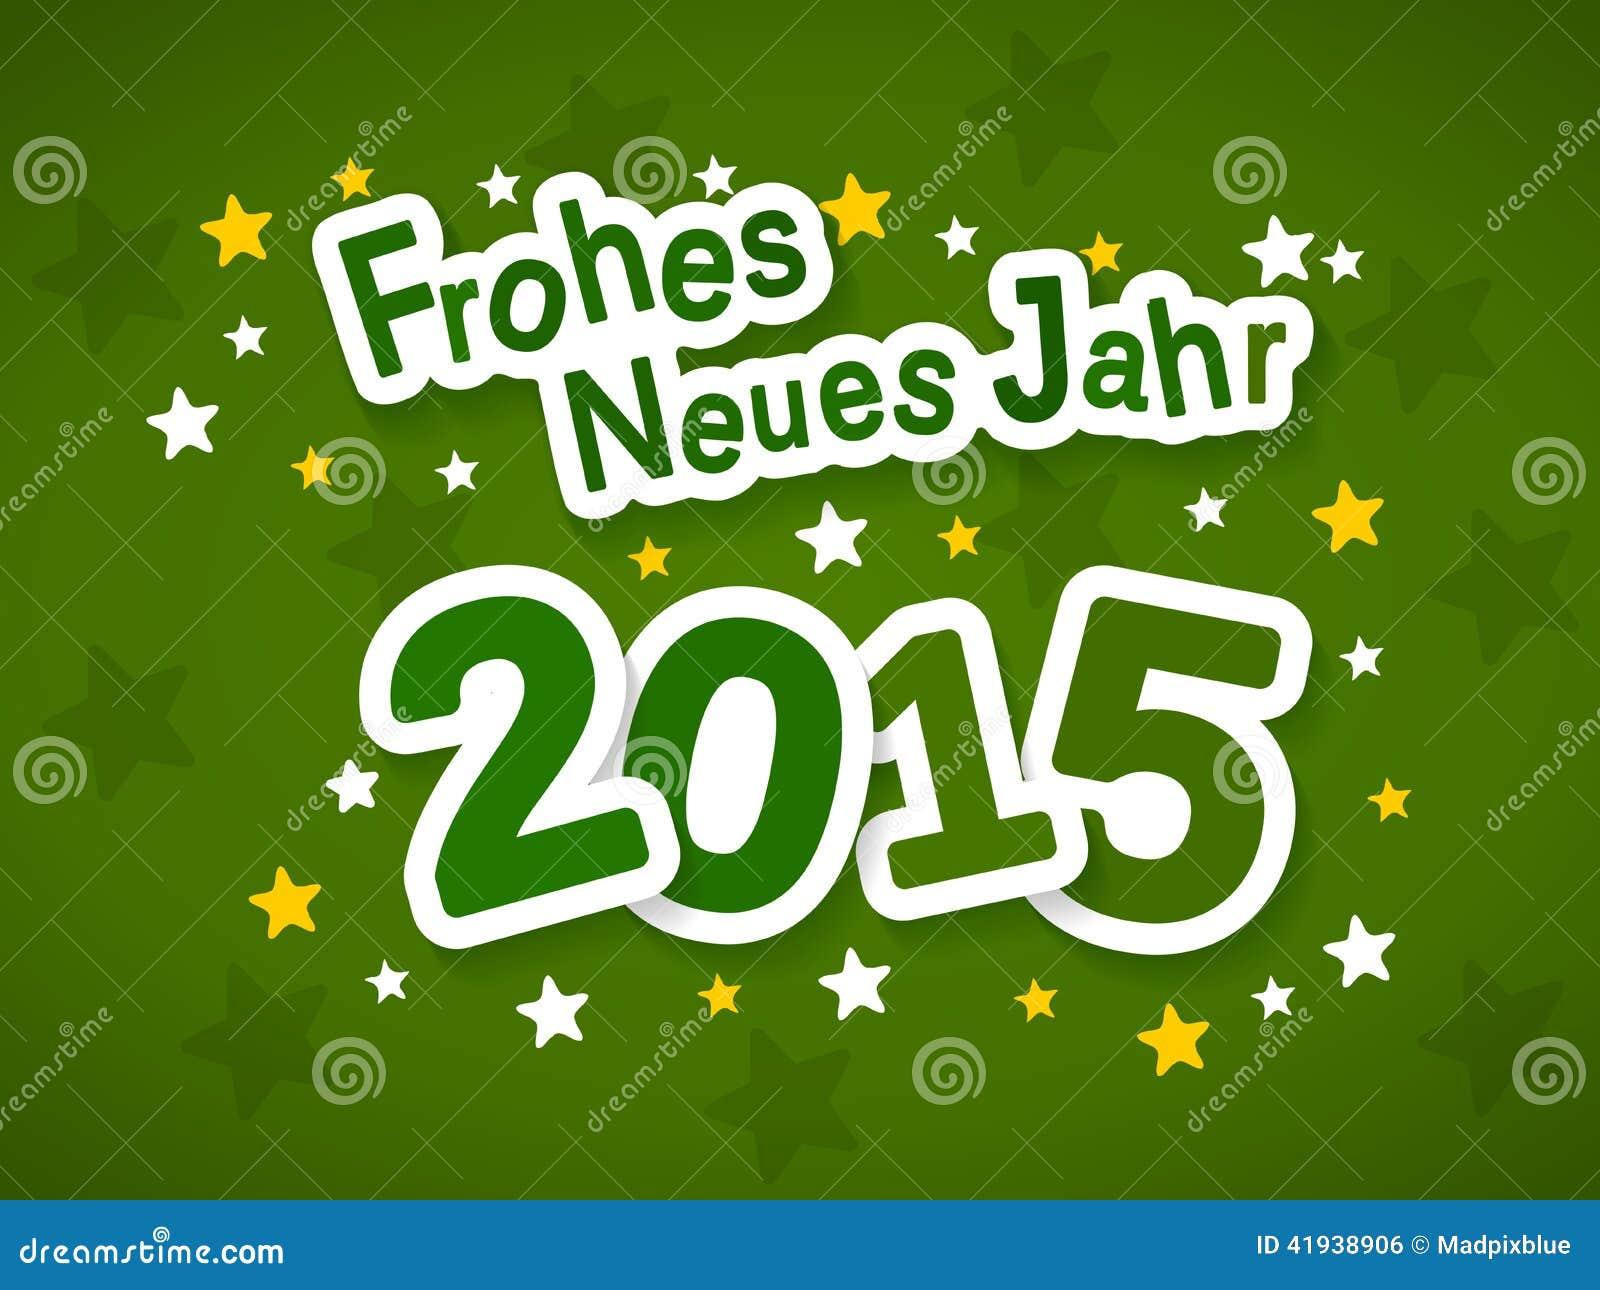 Frohes Neues Jahr 2015 vektor abbildung. Illustration von celebrate ...